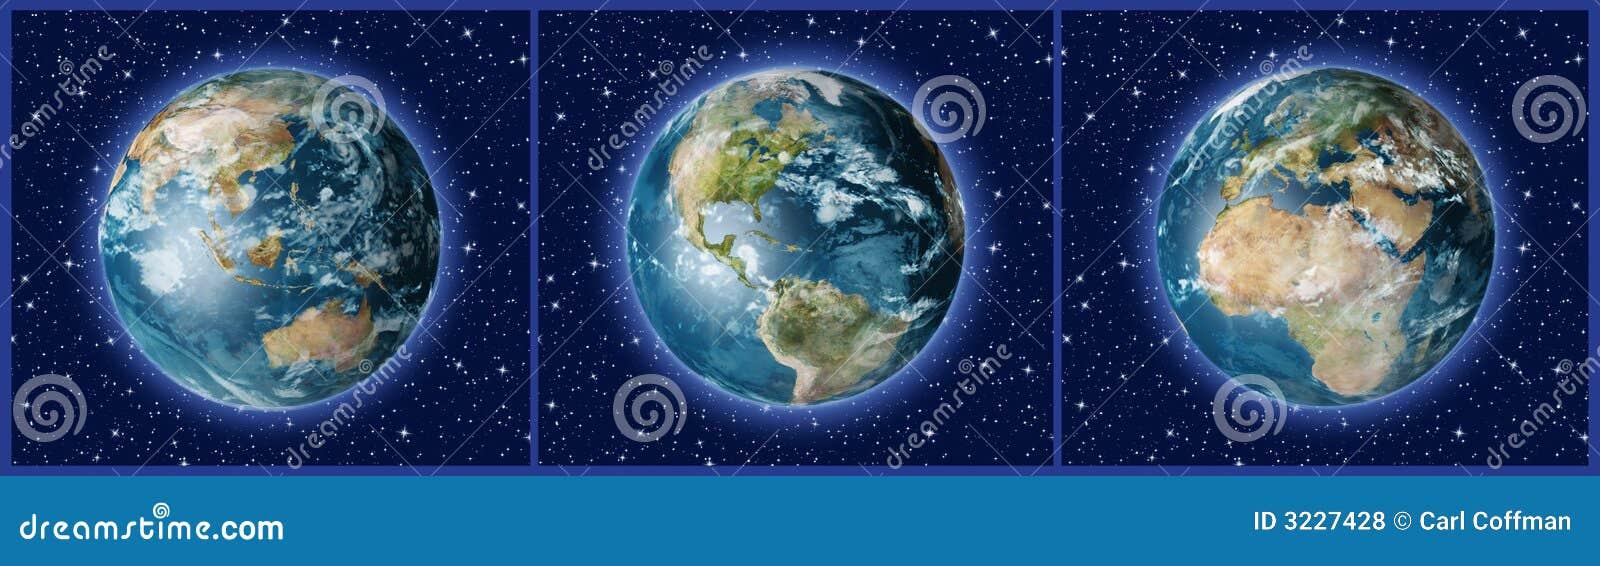 Three Earths A